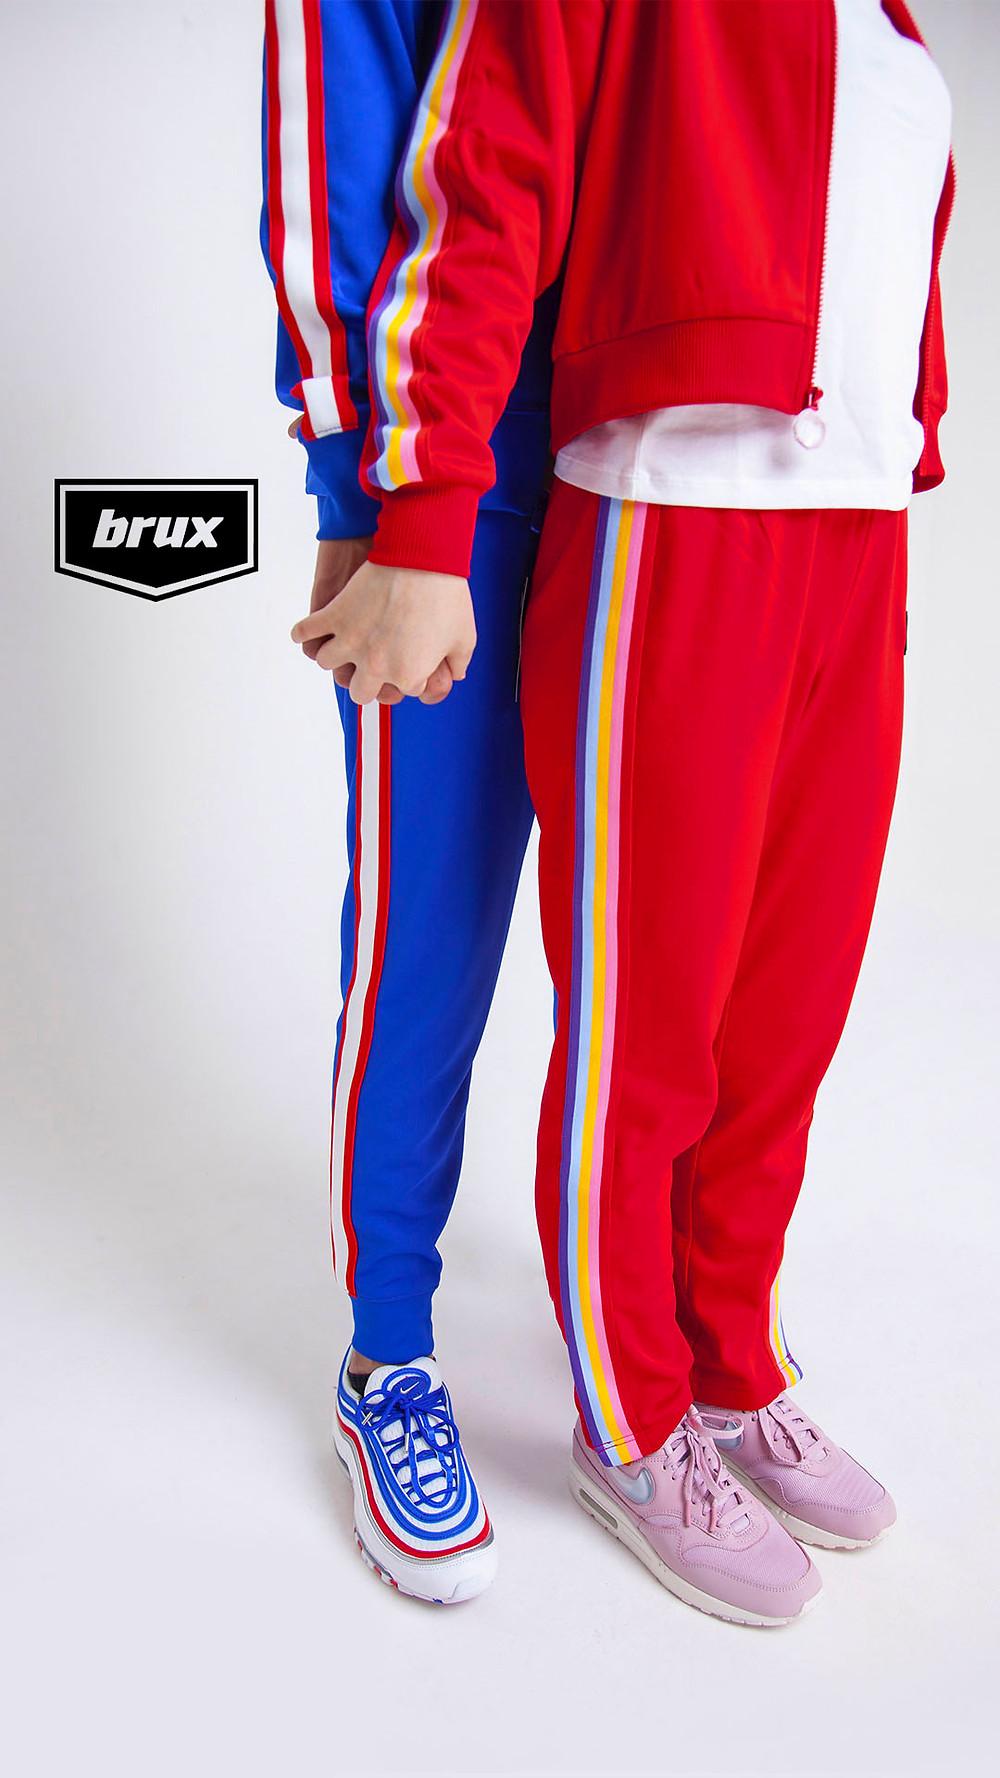 Яркий спортивный костюм Nike - для него.  Нежный спортивный костюм Juicy - для неё. Nike Air Max 97, Nike Air Max 1